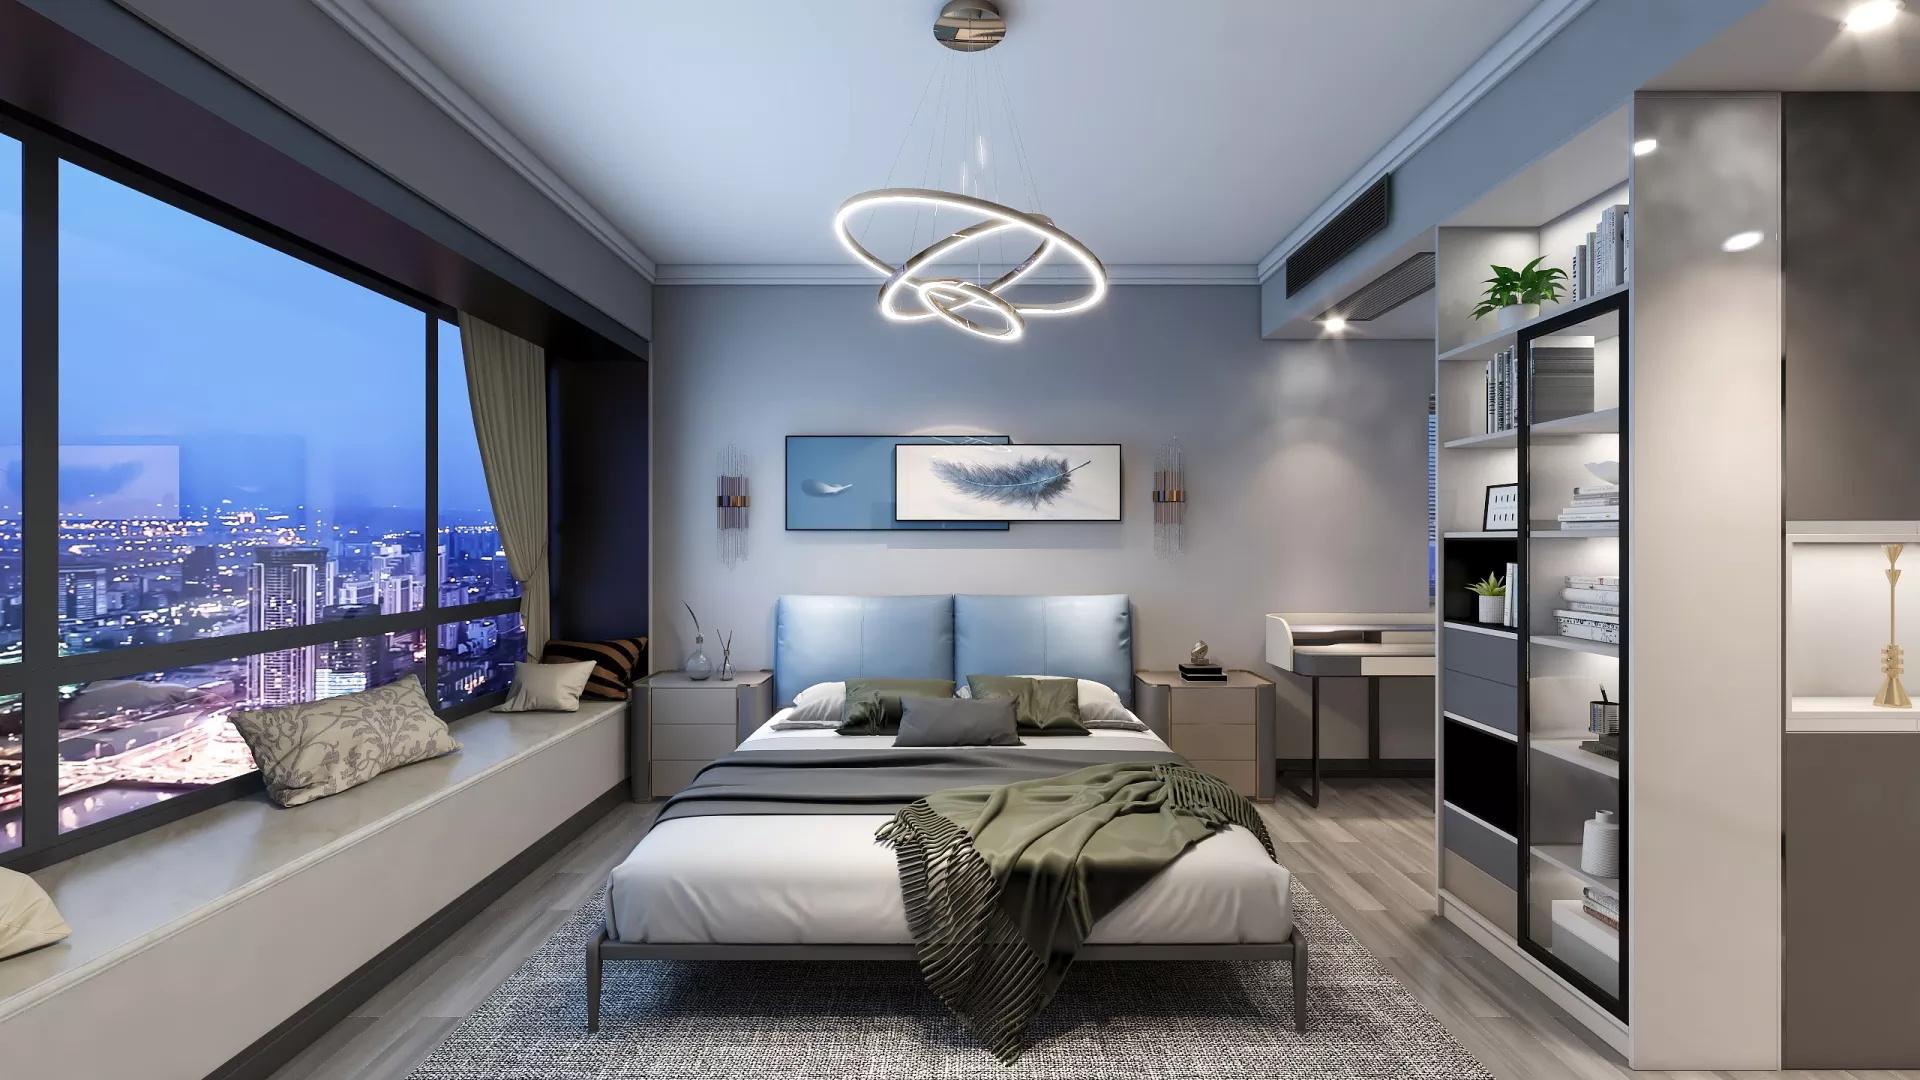 欧式风格浪漫舒适型客厅装修效果图